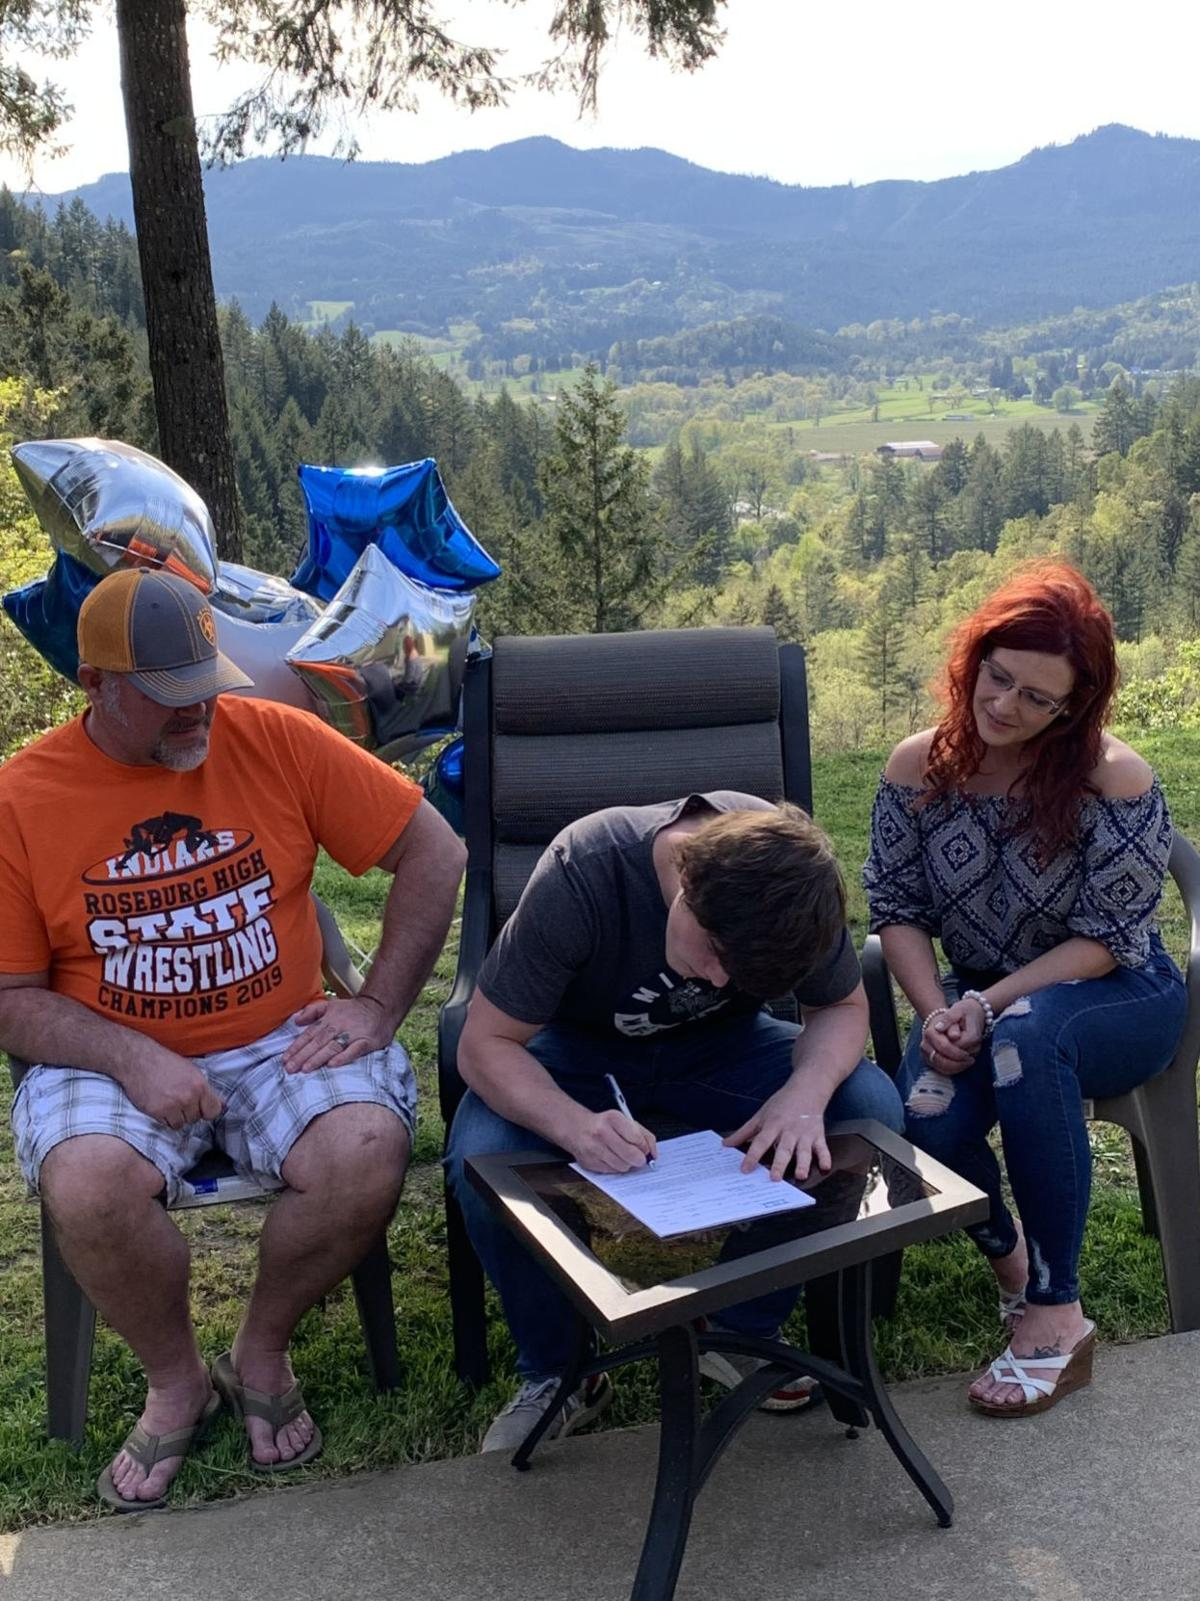 David signing